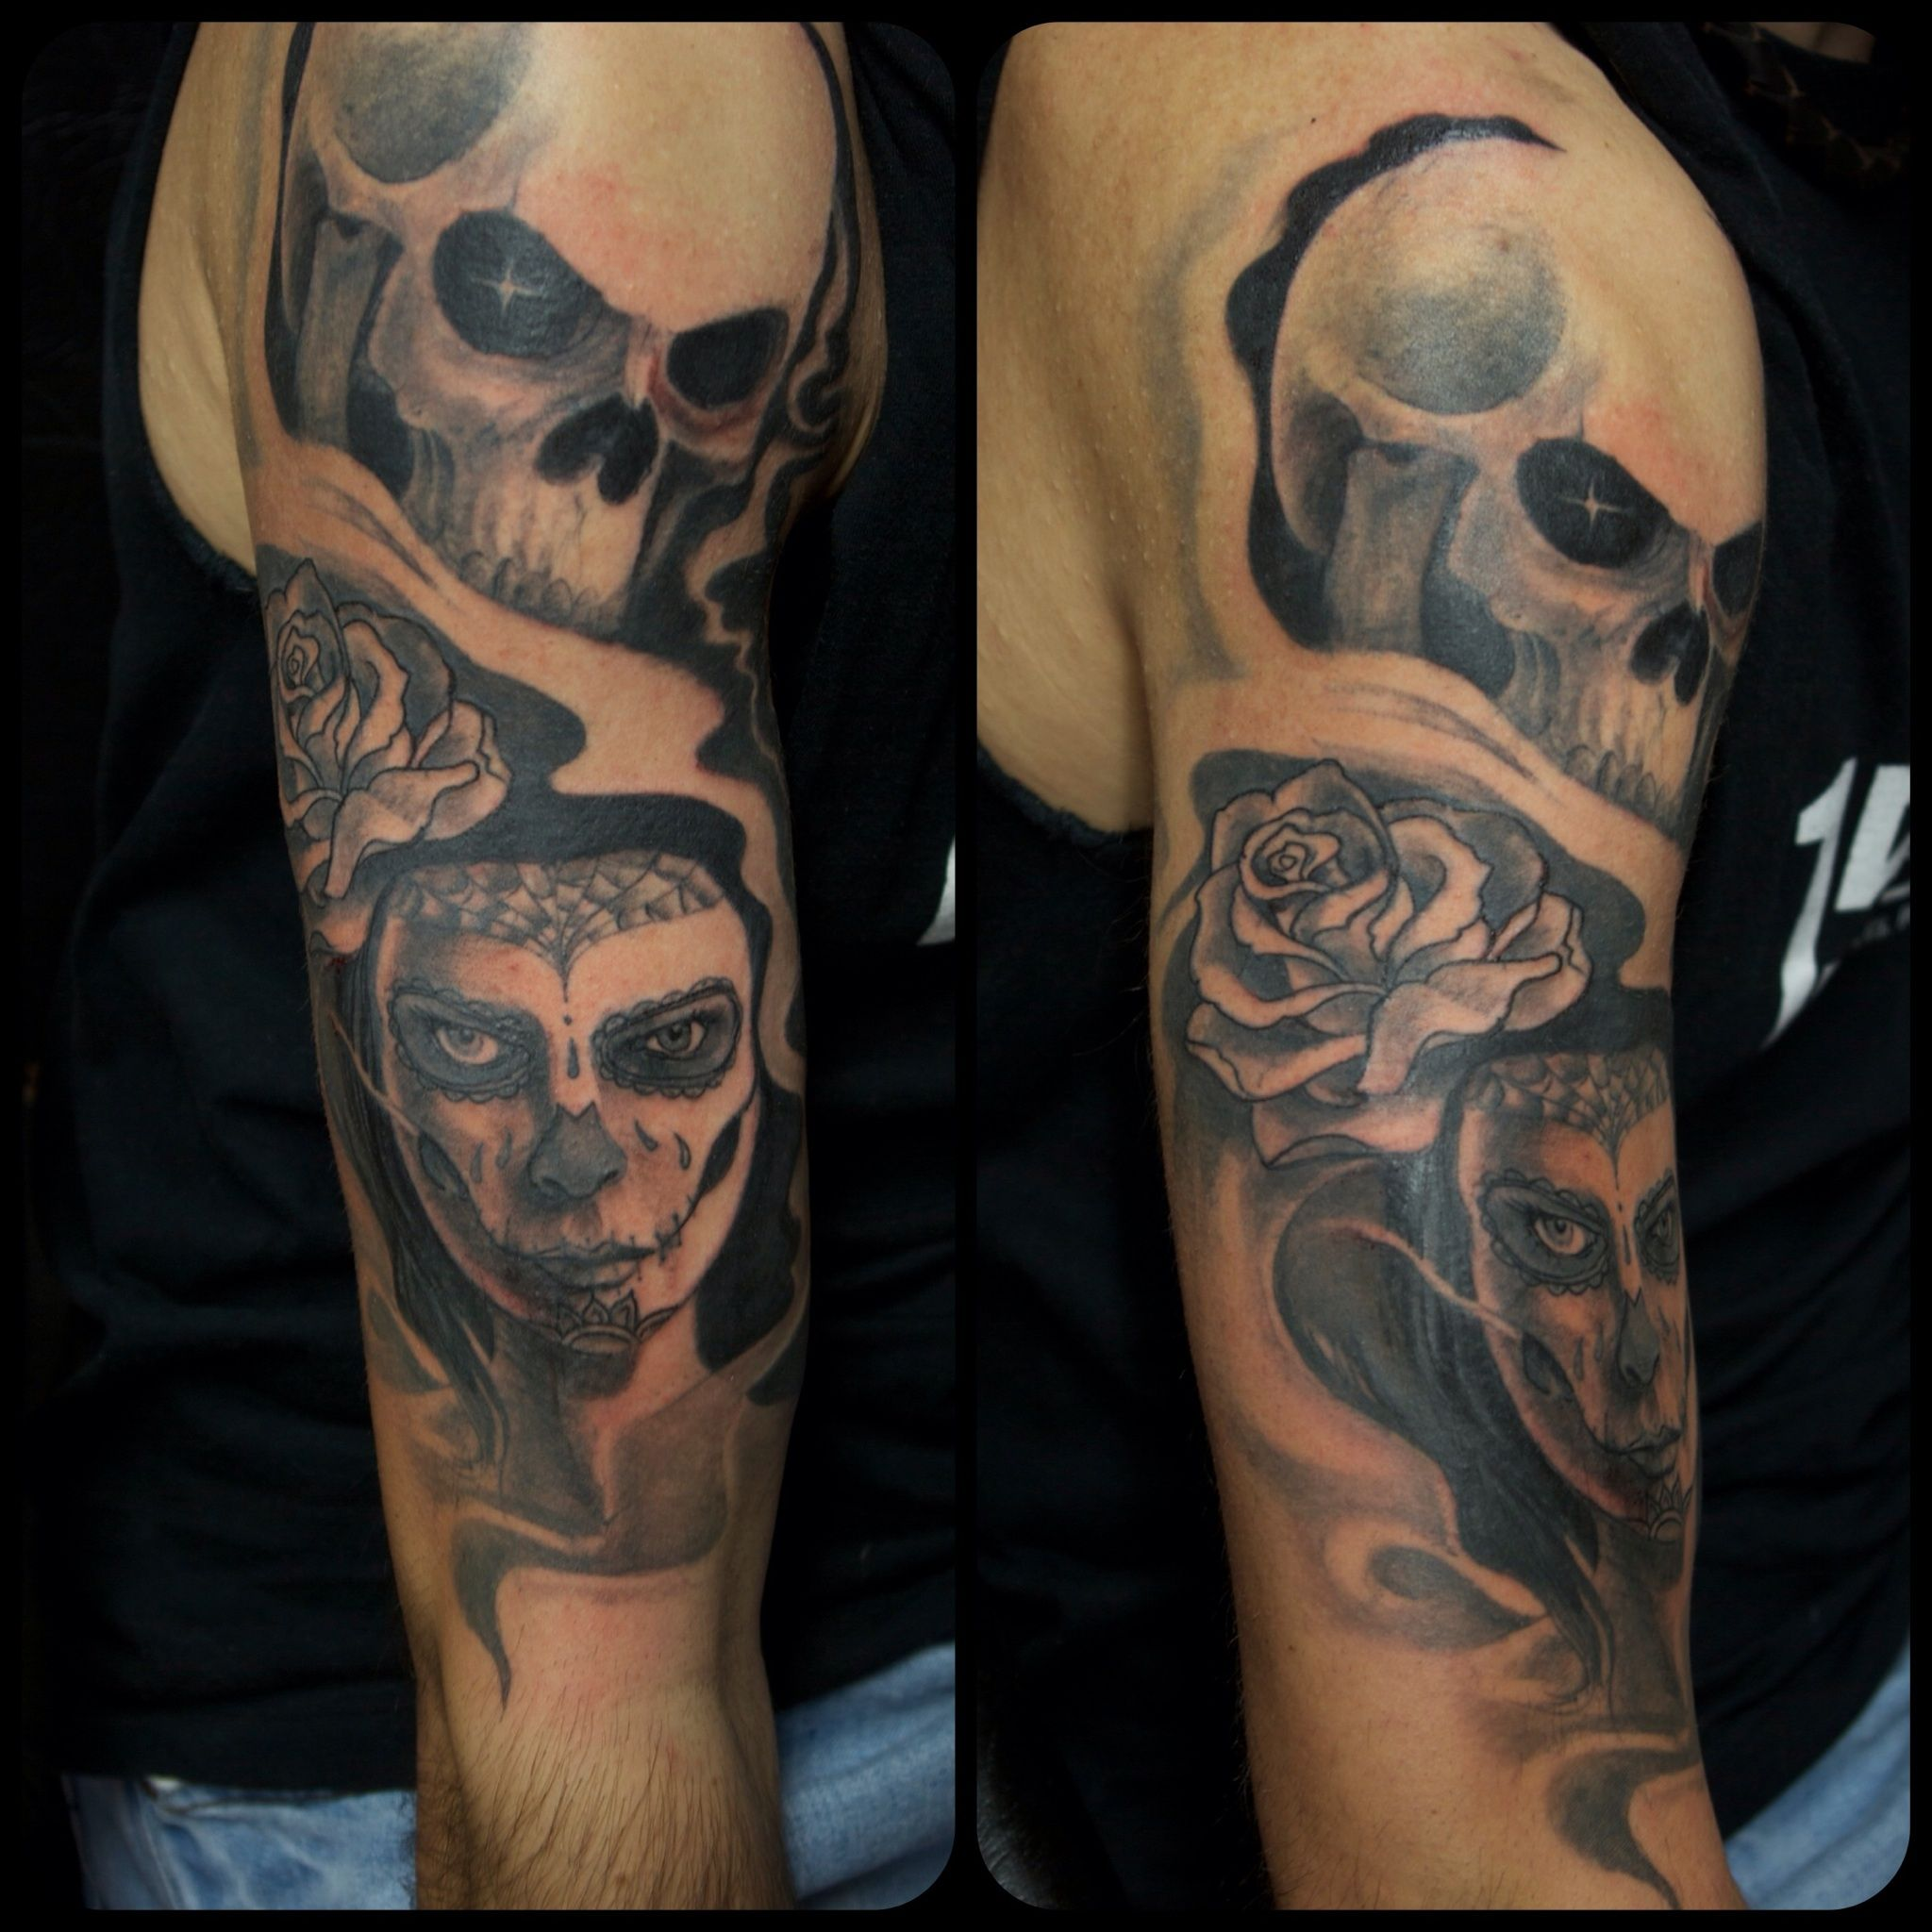 Tattoo, skull, woman, rose. Arm Tattoo Marecuza tattoo